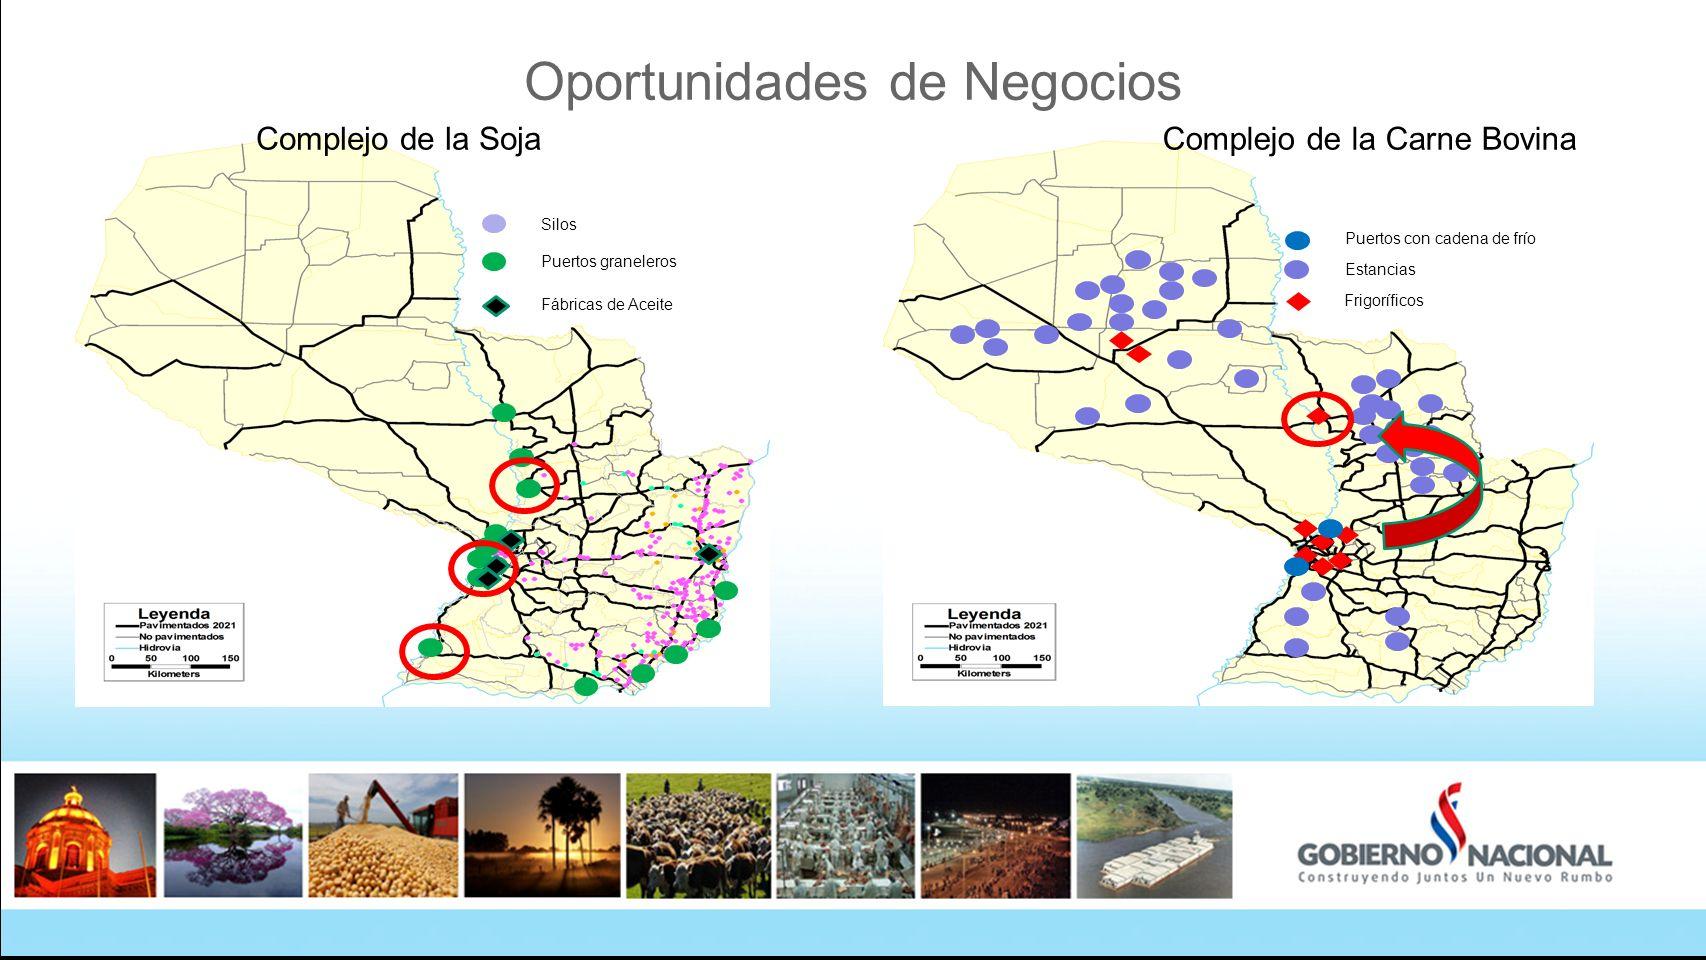 Oportunidades de Negocios Puertos graneleros Silos Fábricas de Aceite Estancias Frigoríficos Puertos con cadena de frío Complejo de la Carne BovinaComplejo de la Soja